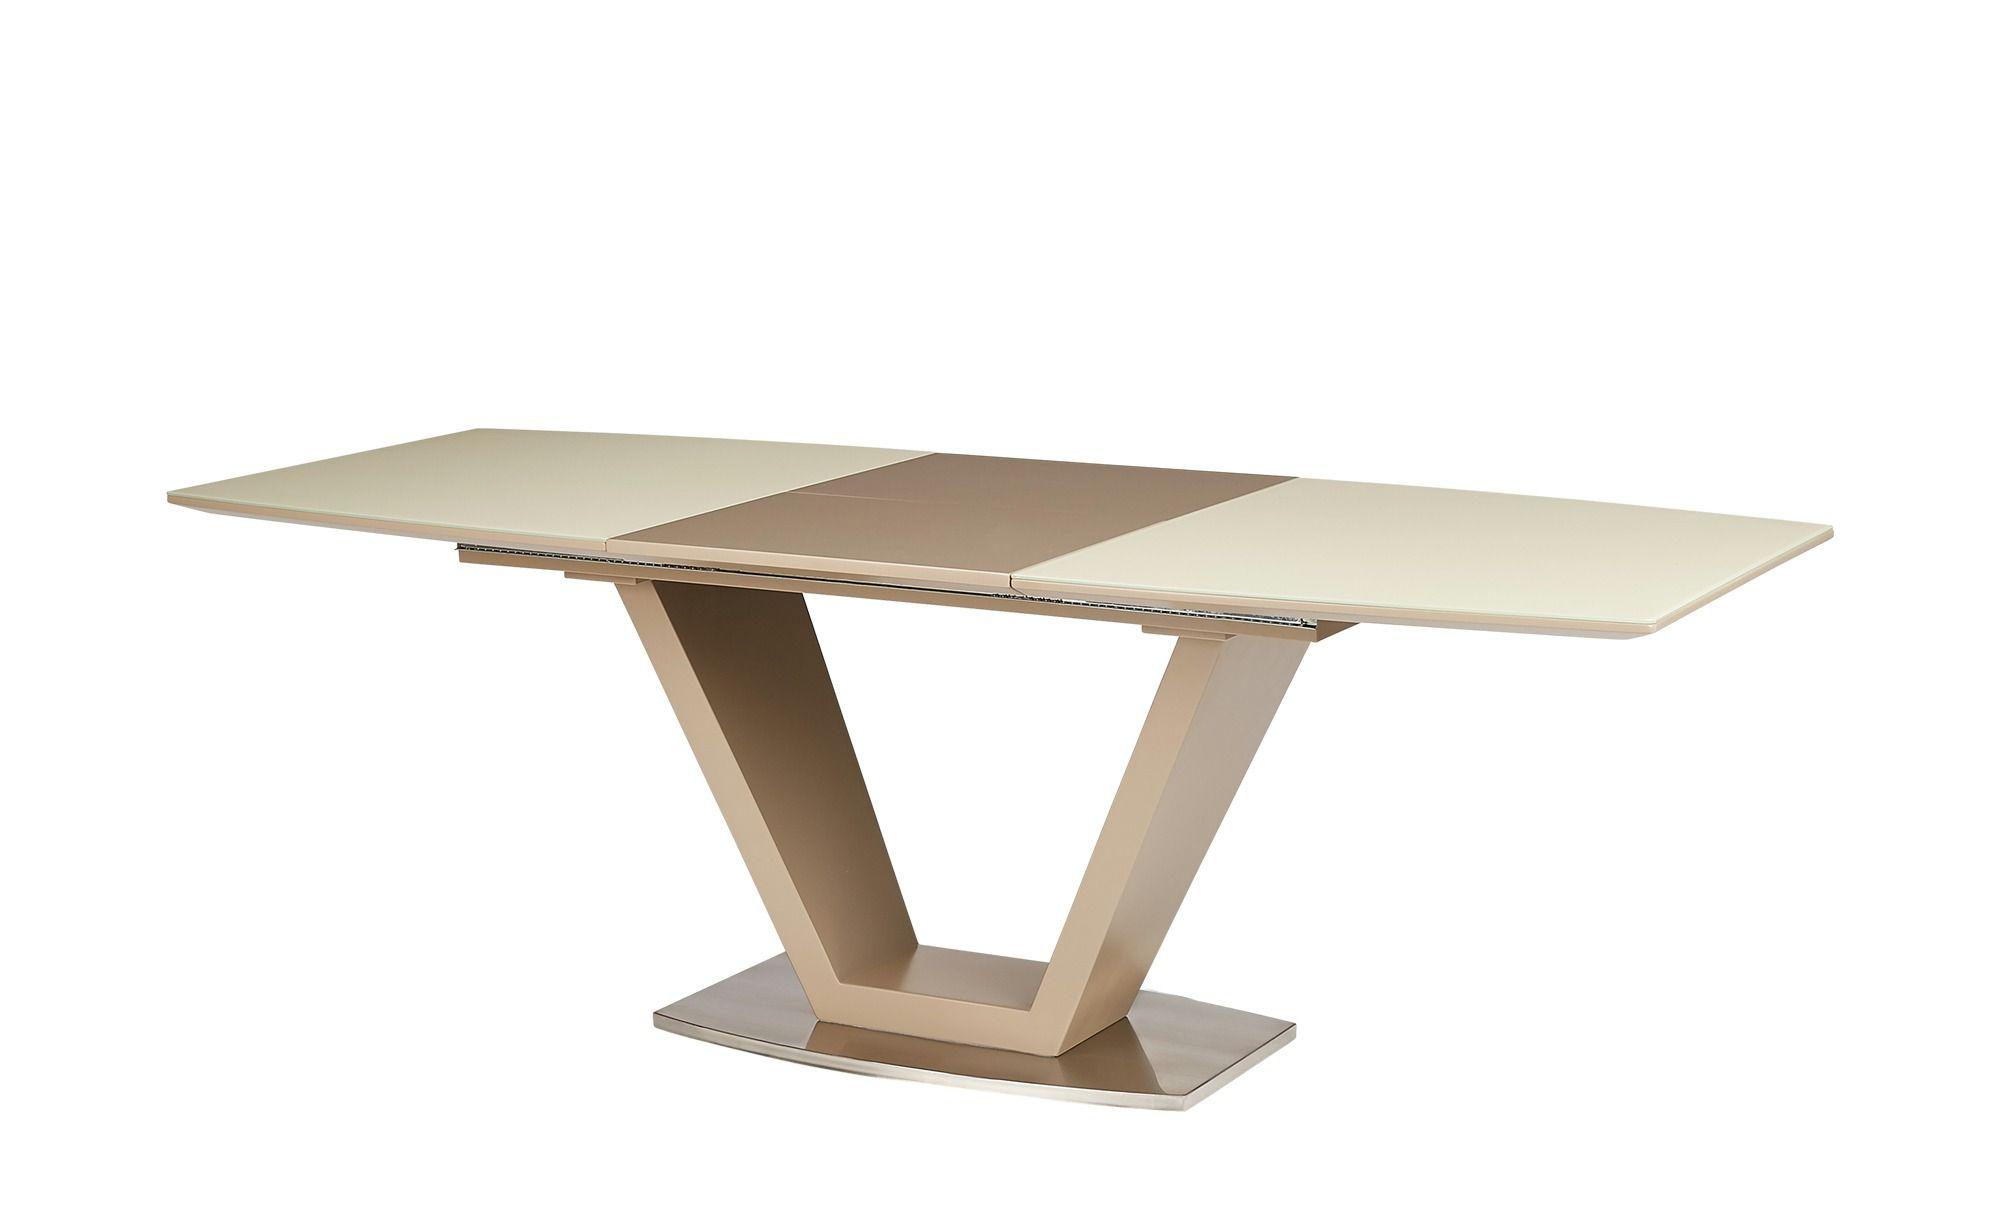 Esszimmer Tische Ausziehbar esstisch ausziehbar daniel jetzt bestellen unter https moebel